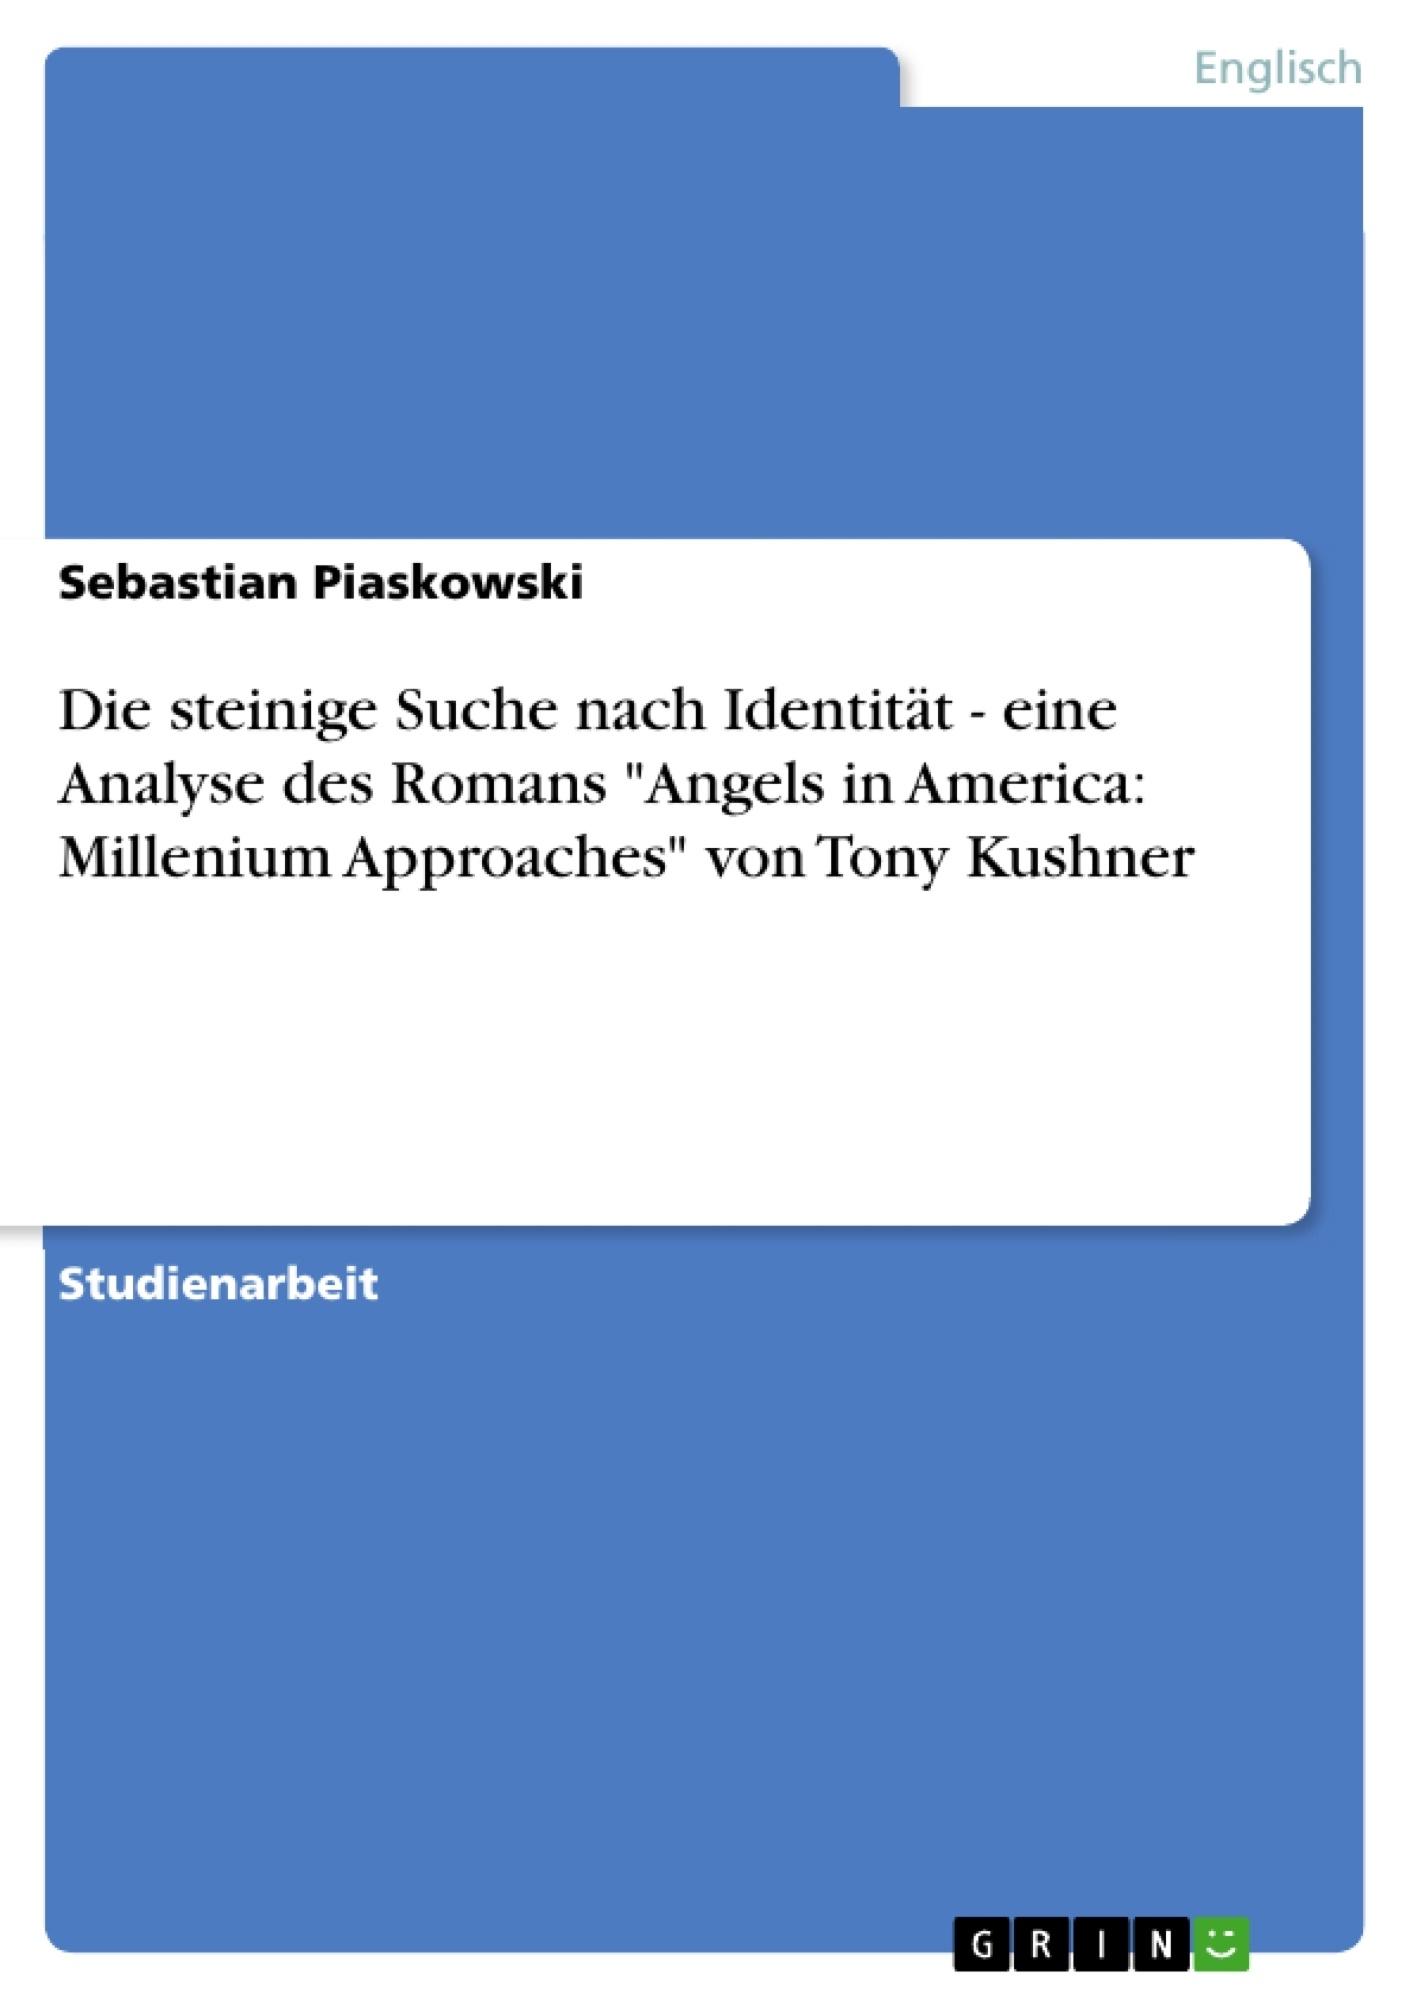 """Titel: Die steinige Suche nach Identität - eine Analyse des Romans """"Angels in America: Millenium Approaches"""" von Tony Kushner"""